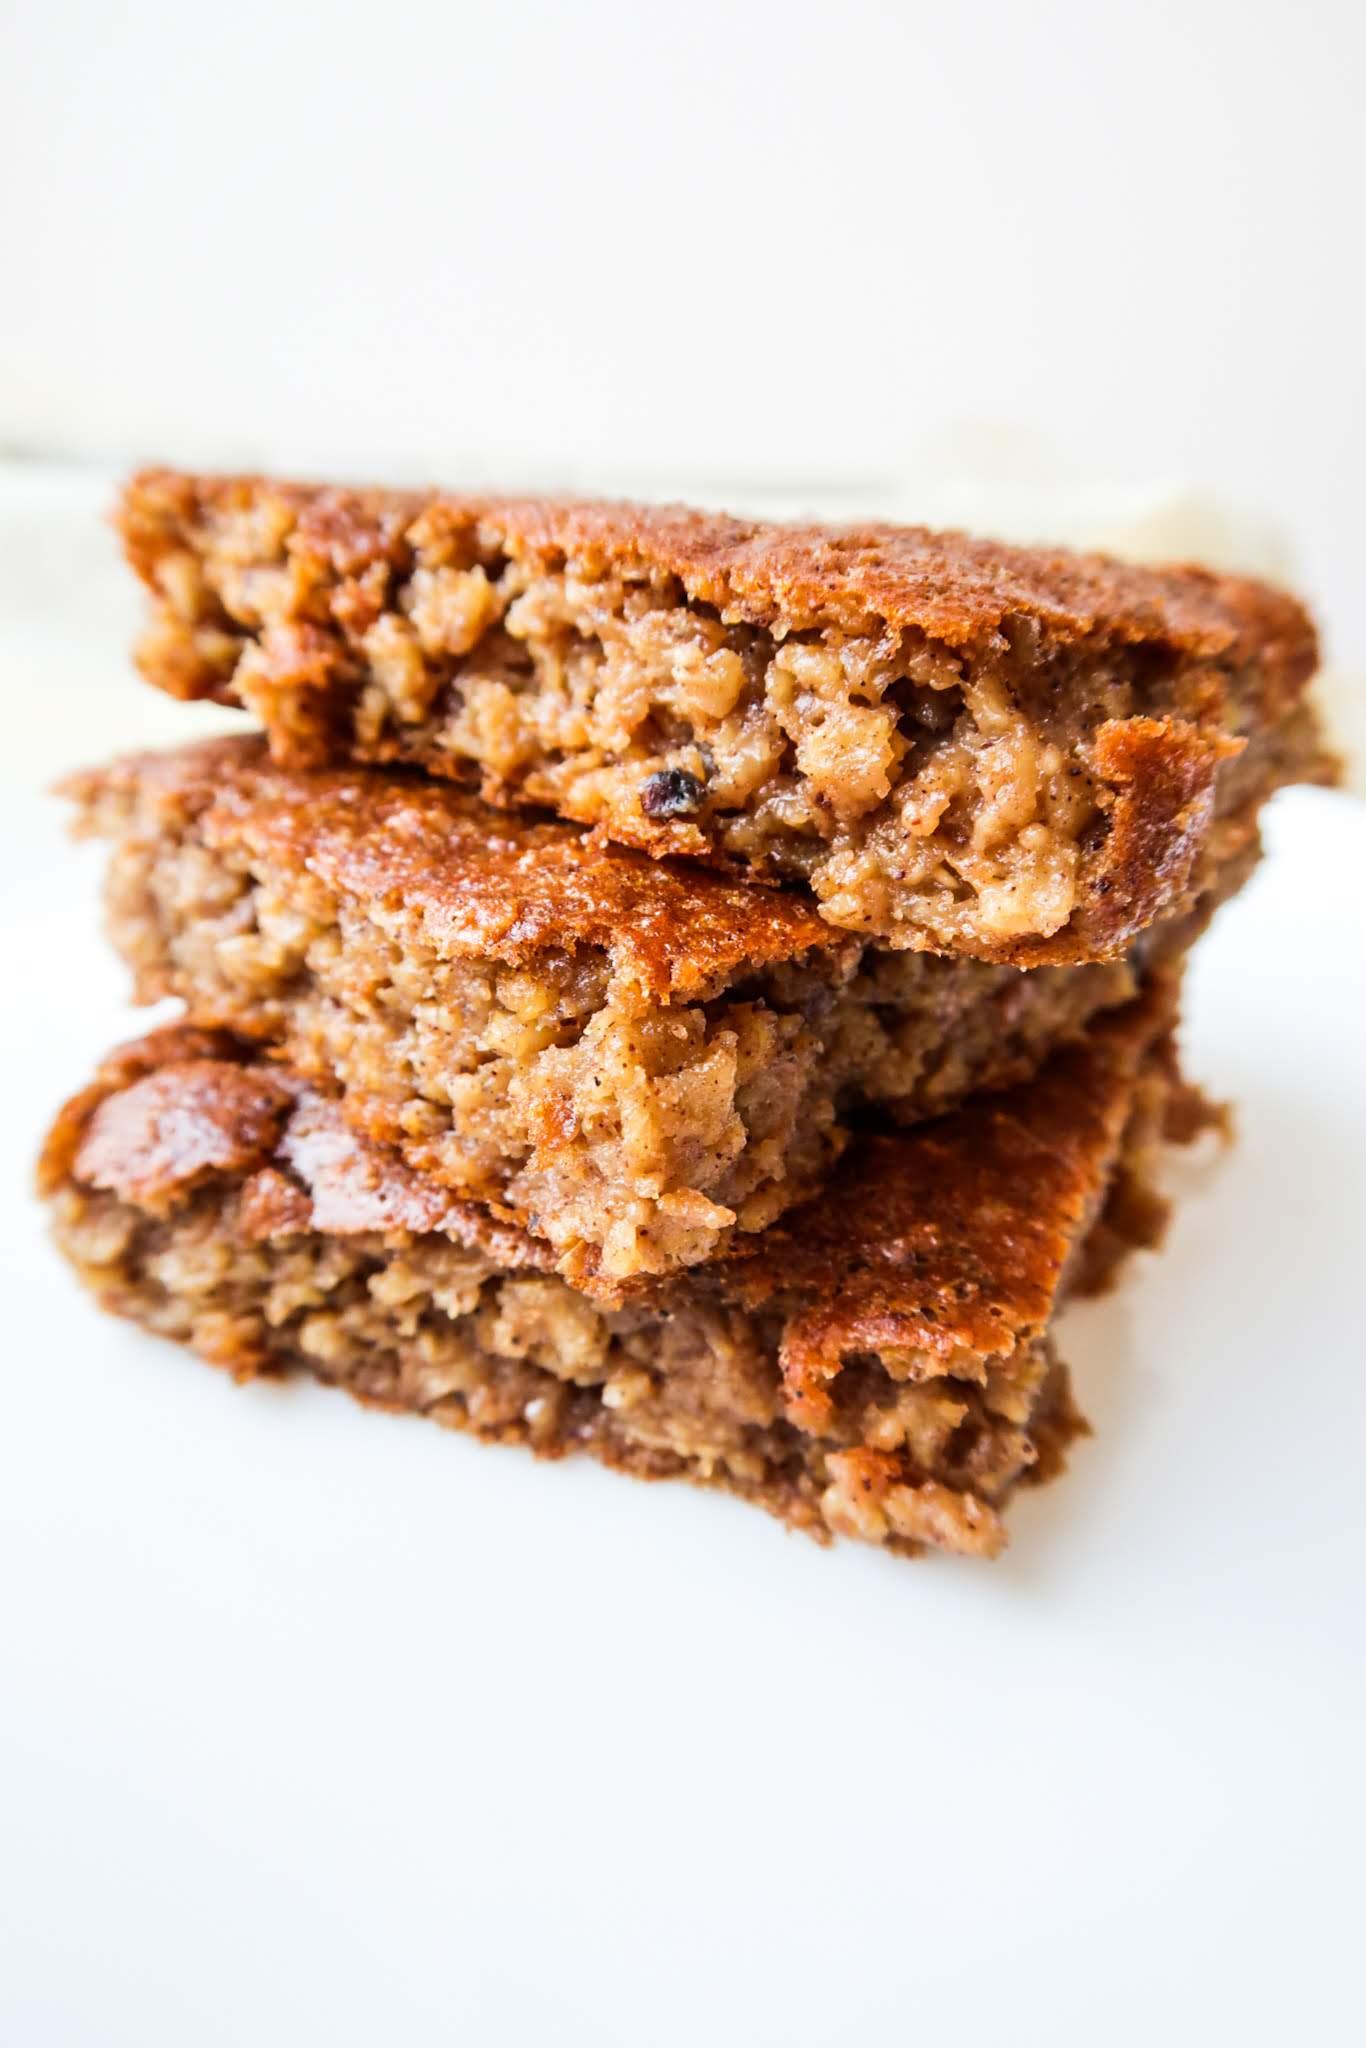 healthy oatmeal apple cake - easy breakfast idea